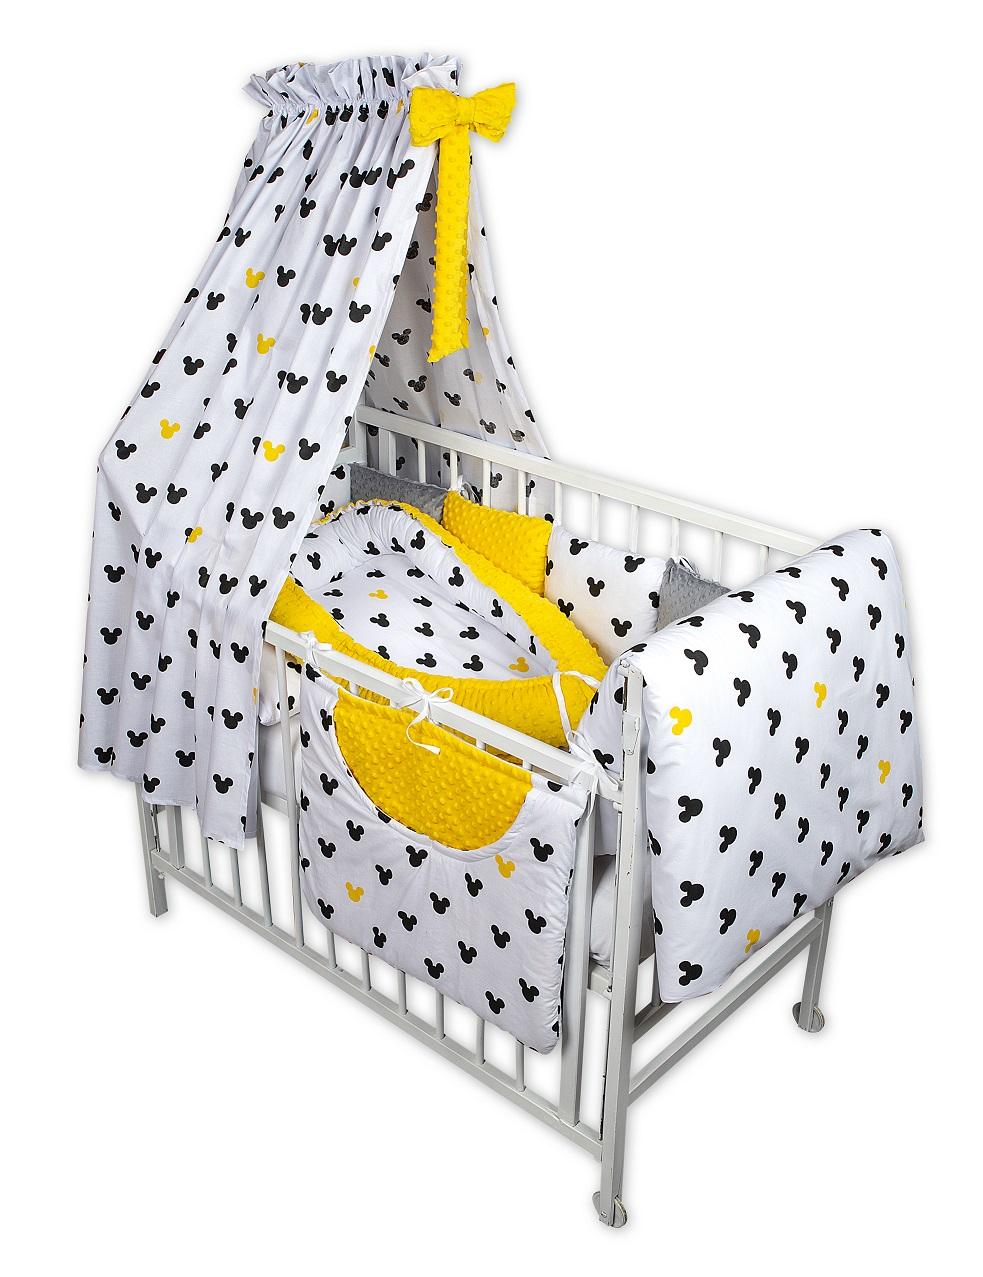 Dětské výrobky z Horňácka - eshop soupravy povlečení, lůžkoviny do postýlky, dětské matrace, prostěradla, fusaky